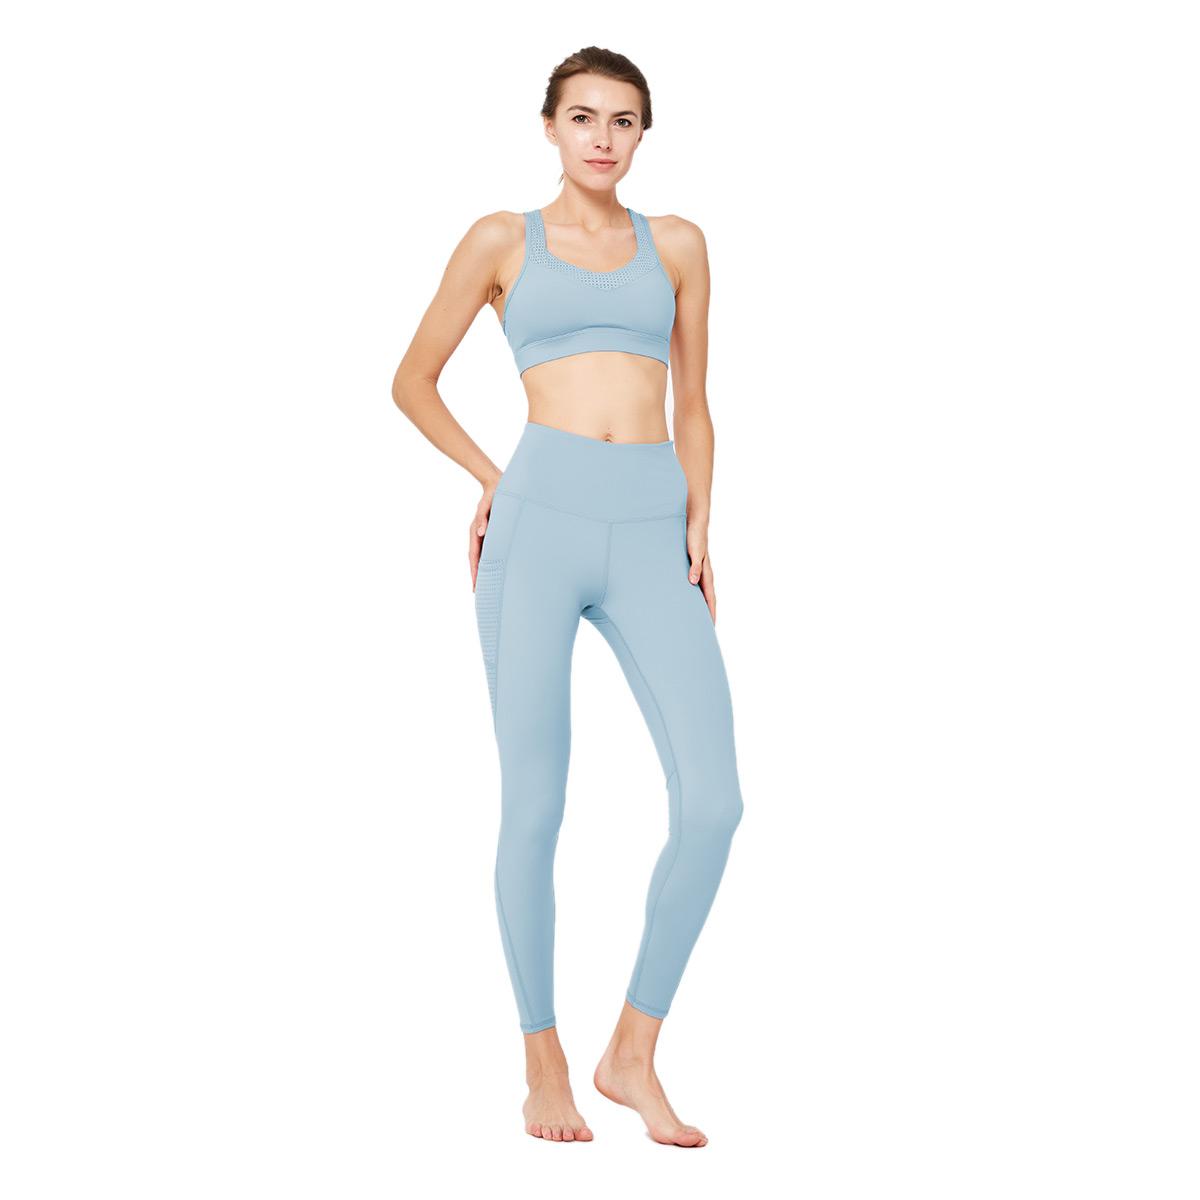 ESERKAFEL ladies gym wear manufacturer for sport-1